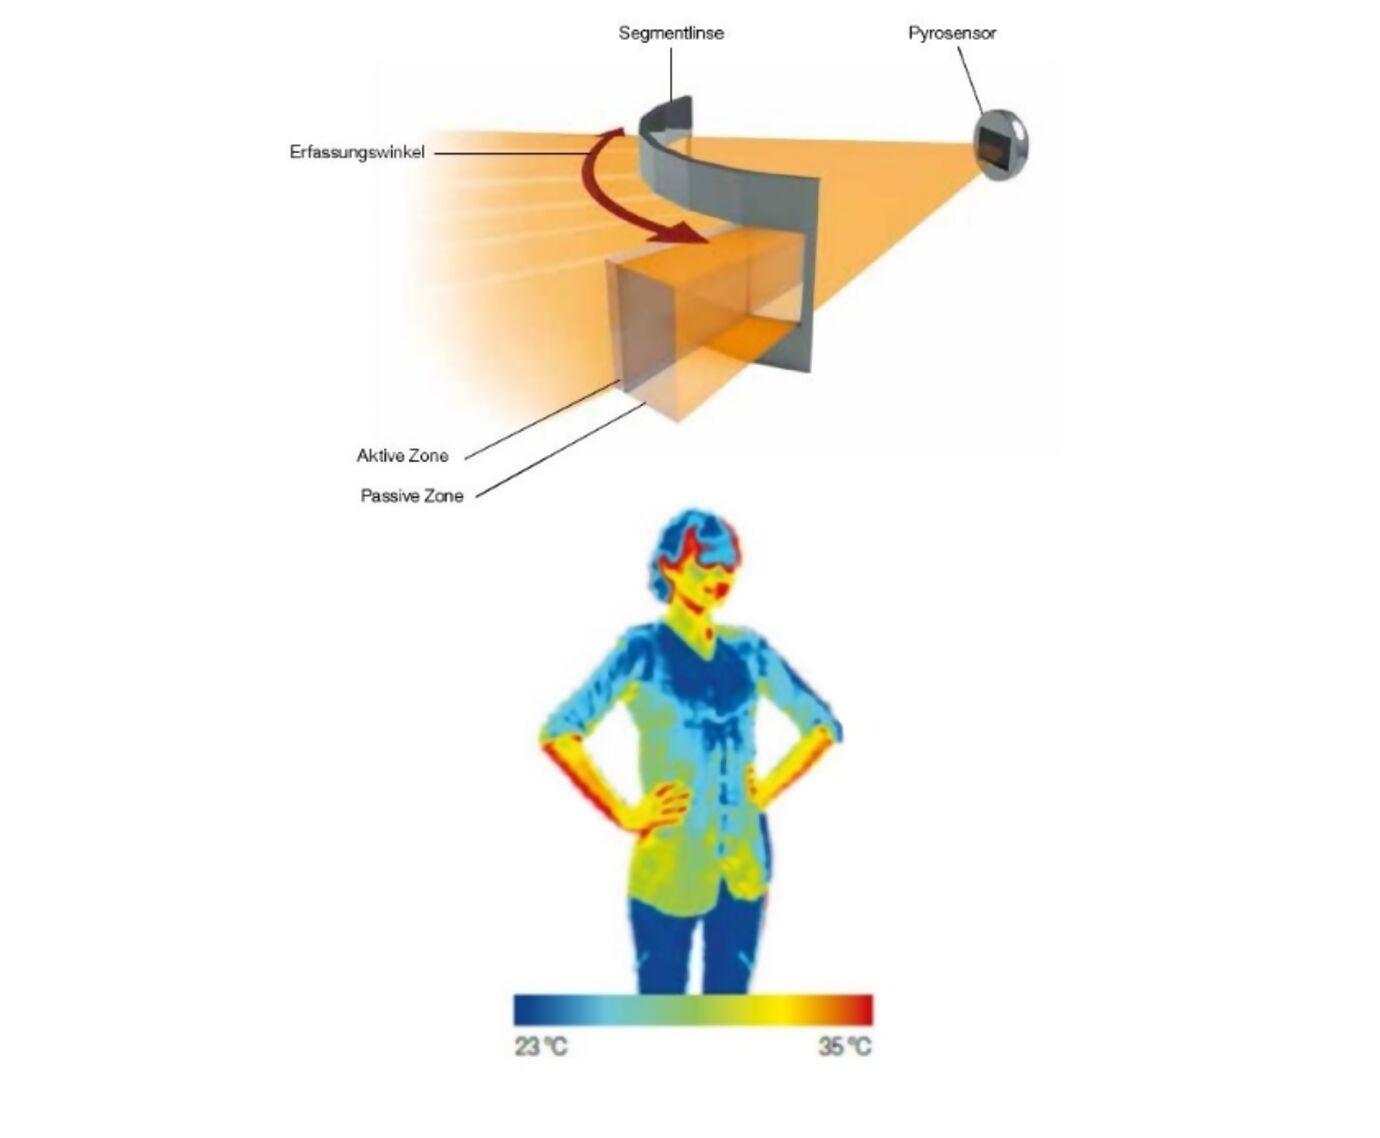 faq-sensoren-funktionsweise-pyrosensor.jpg